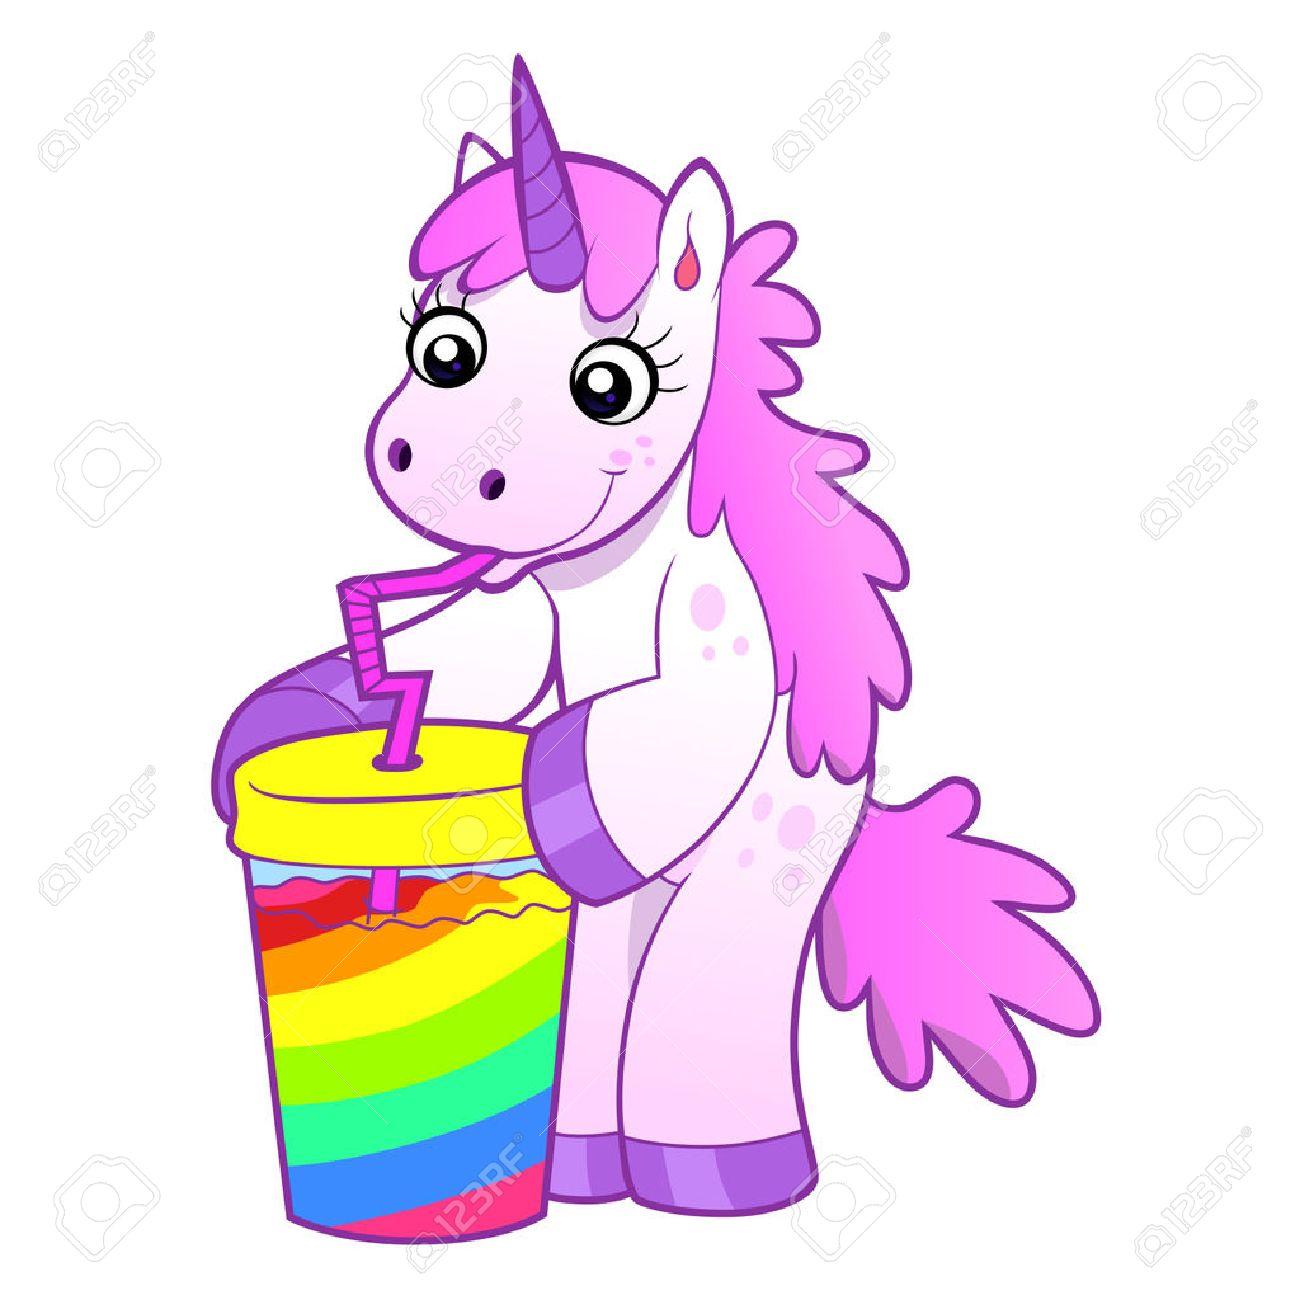 Dibujos De Unicornios Vomitando Arcoiris